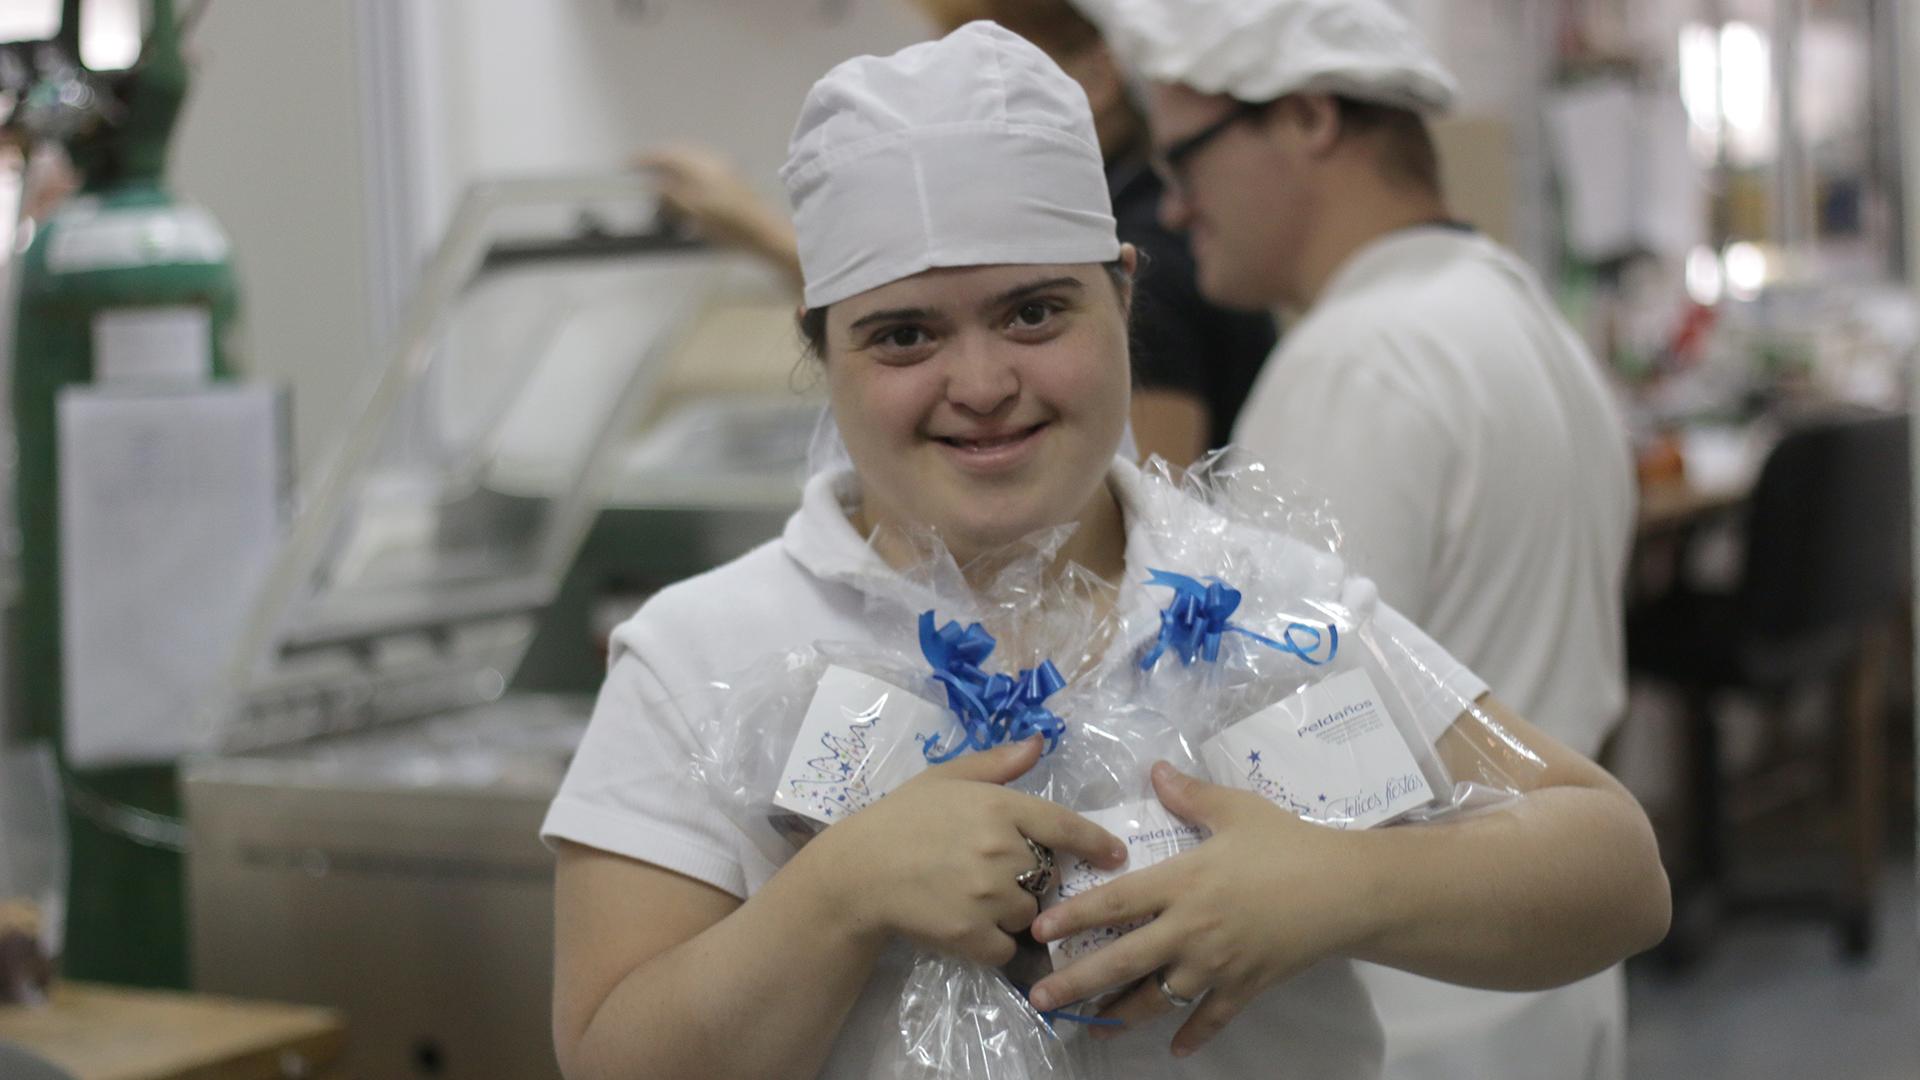 Listos para entregar. Los panes dulces que preparan los chicos de Peldaños ya están a la venta. (Fotos: Lihuel Althabe)